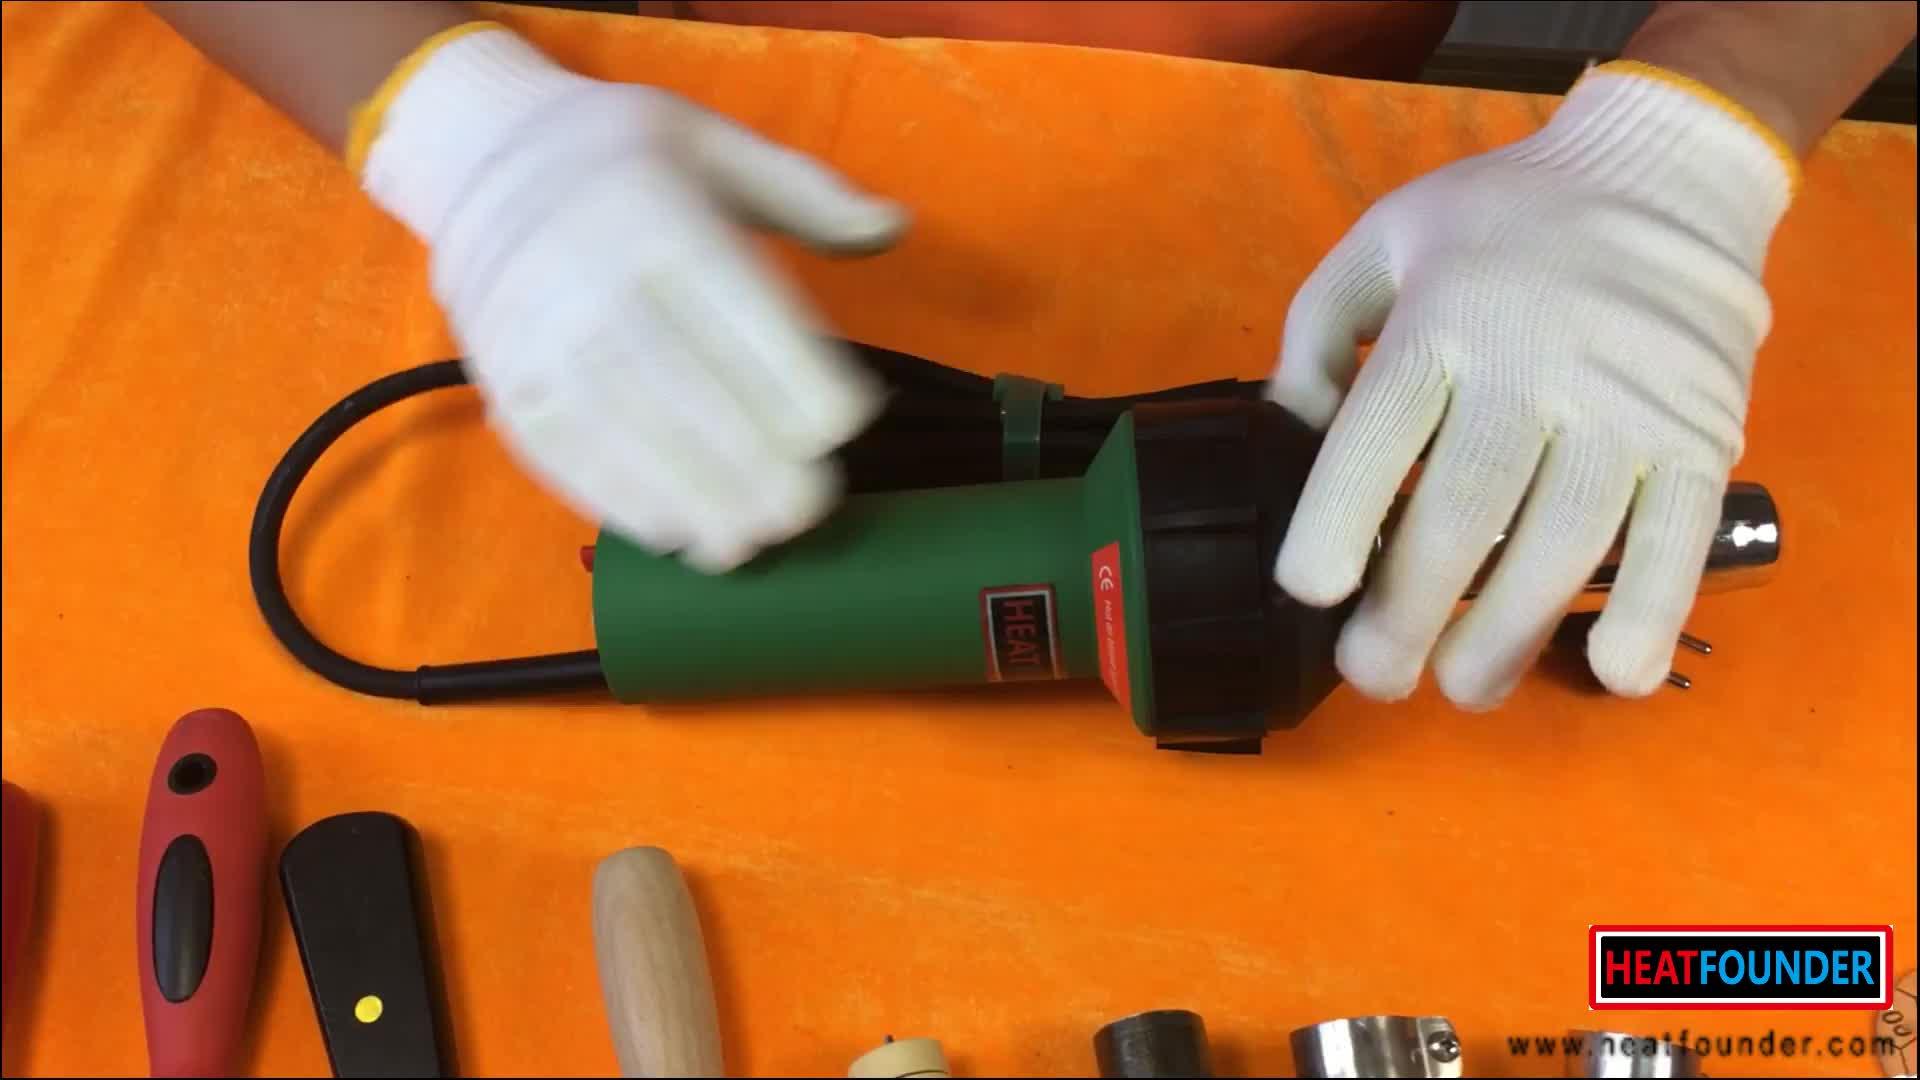 Adapté aux besoins du client industriel mini pistolet à air chaud électrique tenu dans la main pistolet à souder à air chaud industriel décapeur thermique